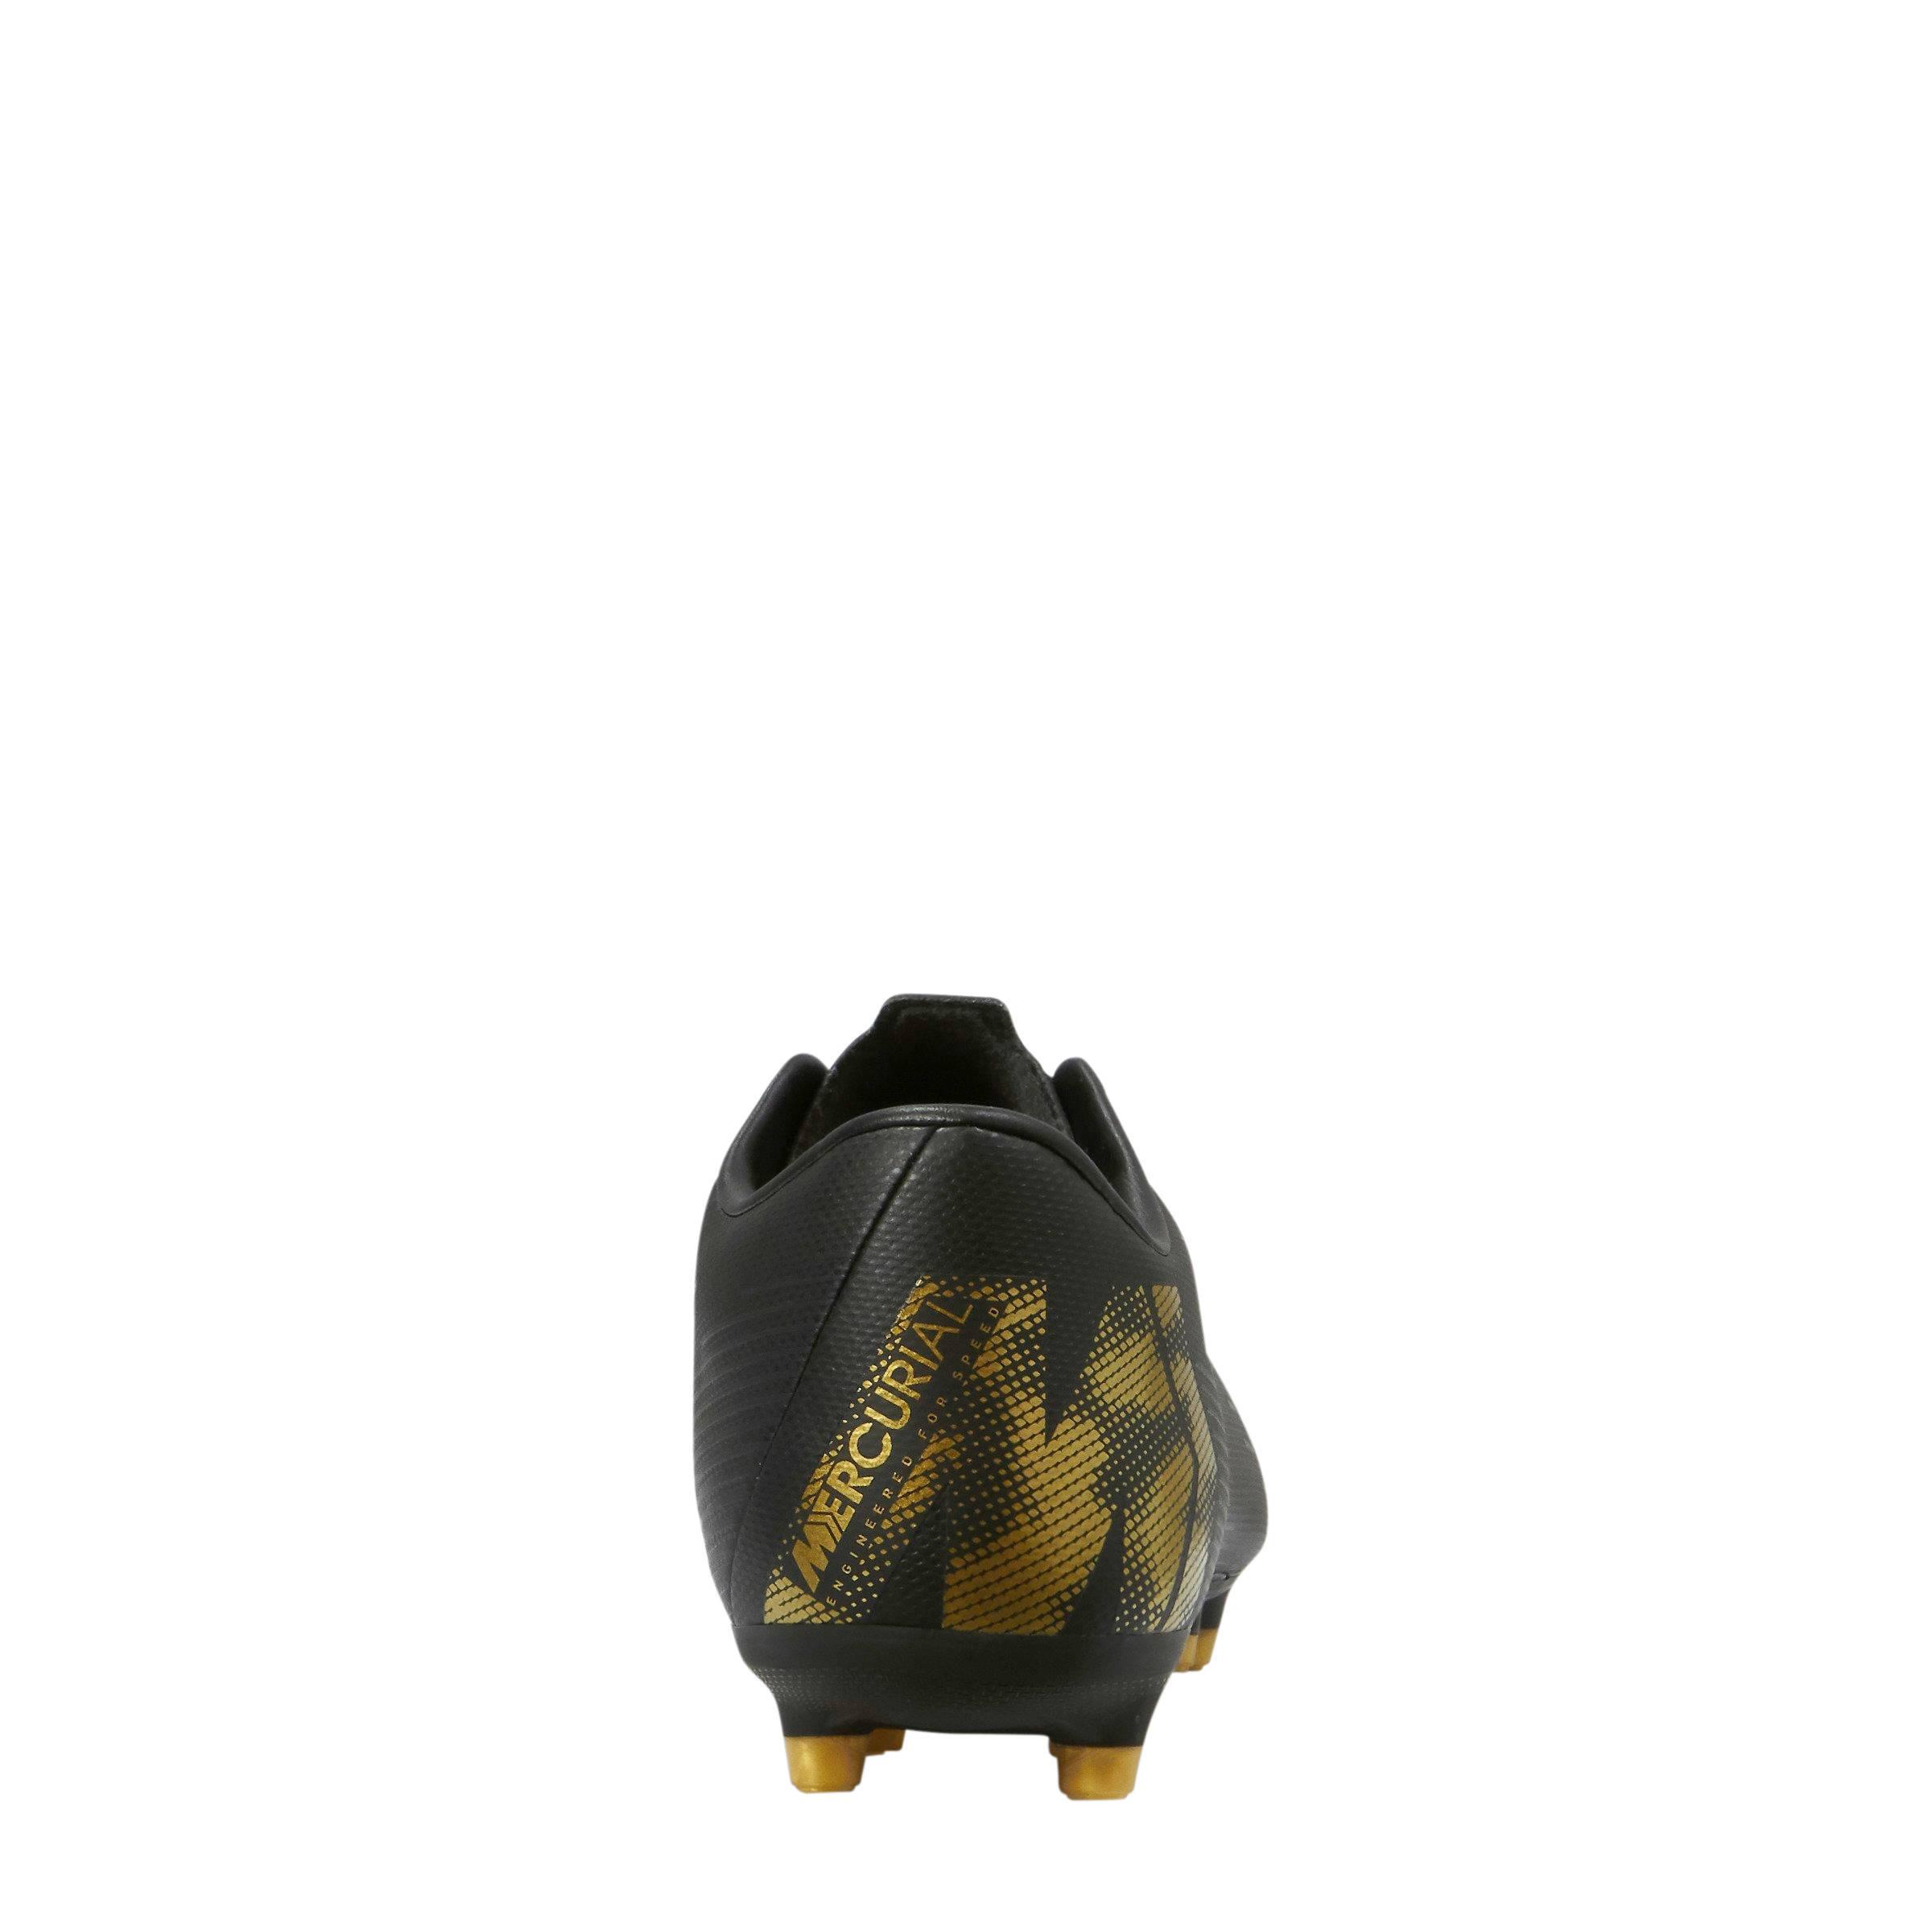 competitive price 39ee6 48ef6 Nike Mercurial Vapor 12 Academy MG voetbalschoenen  wehkamp